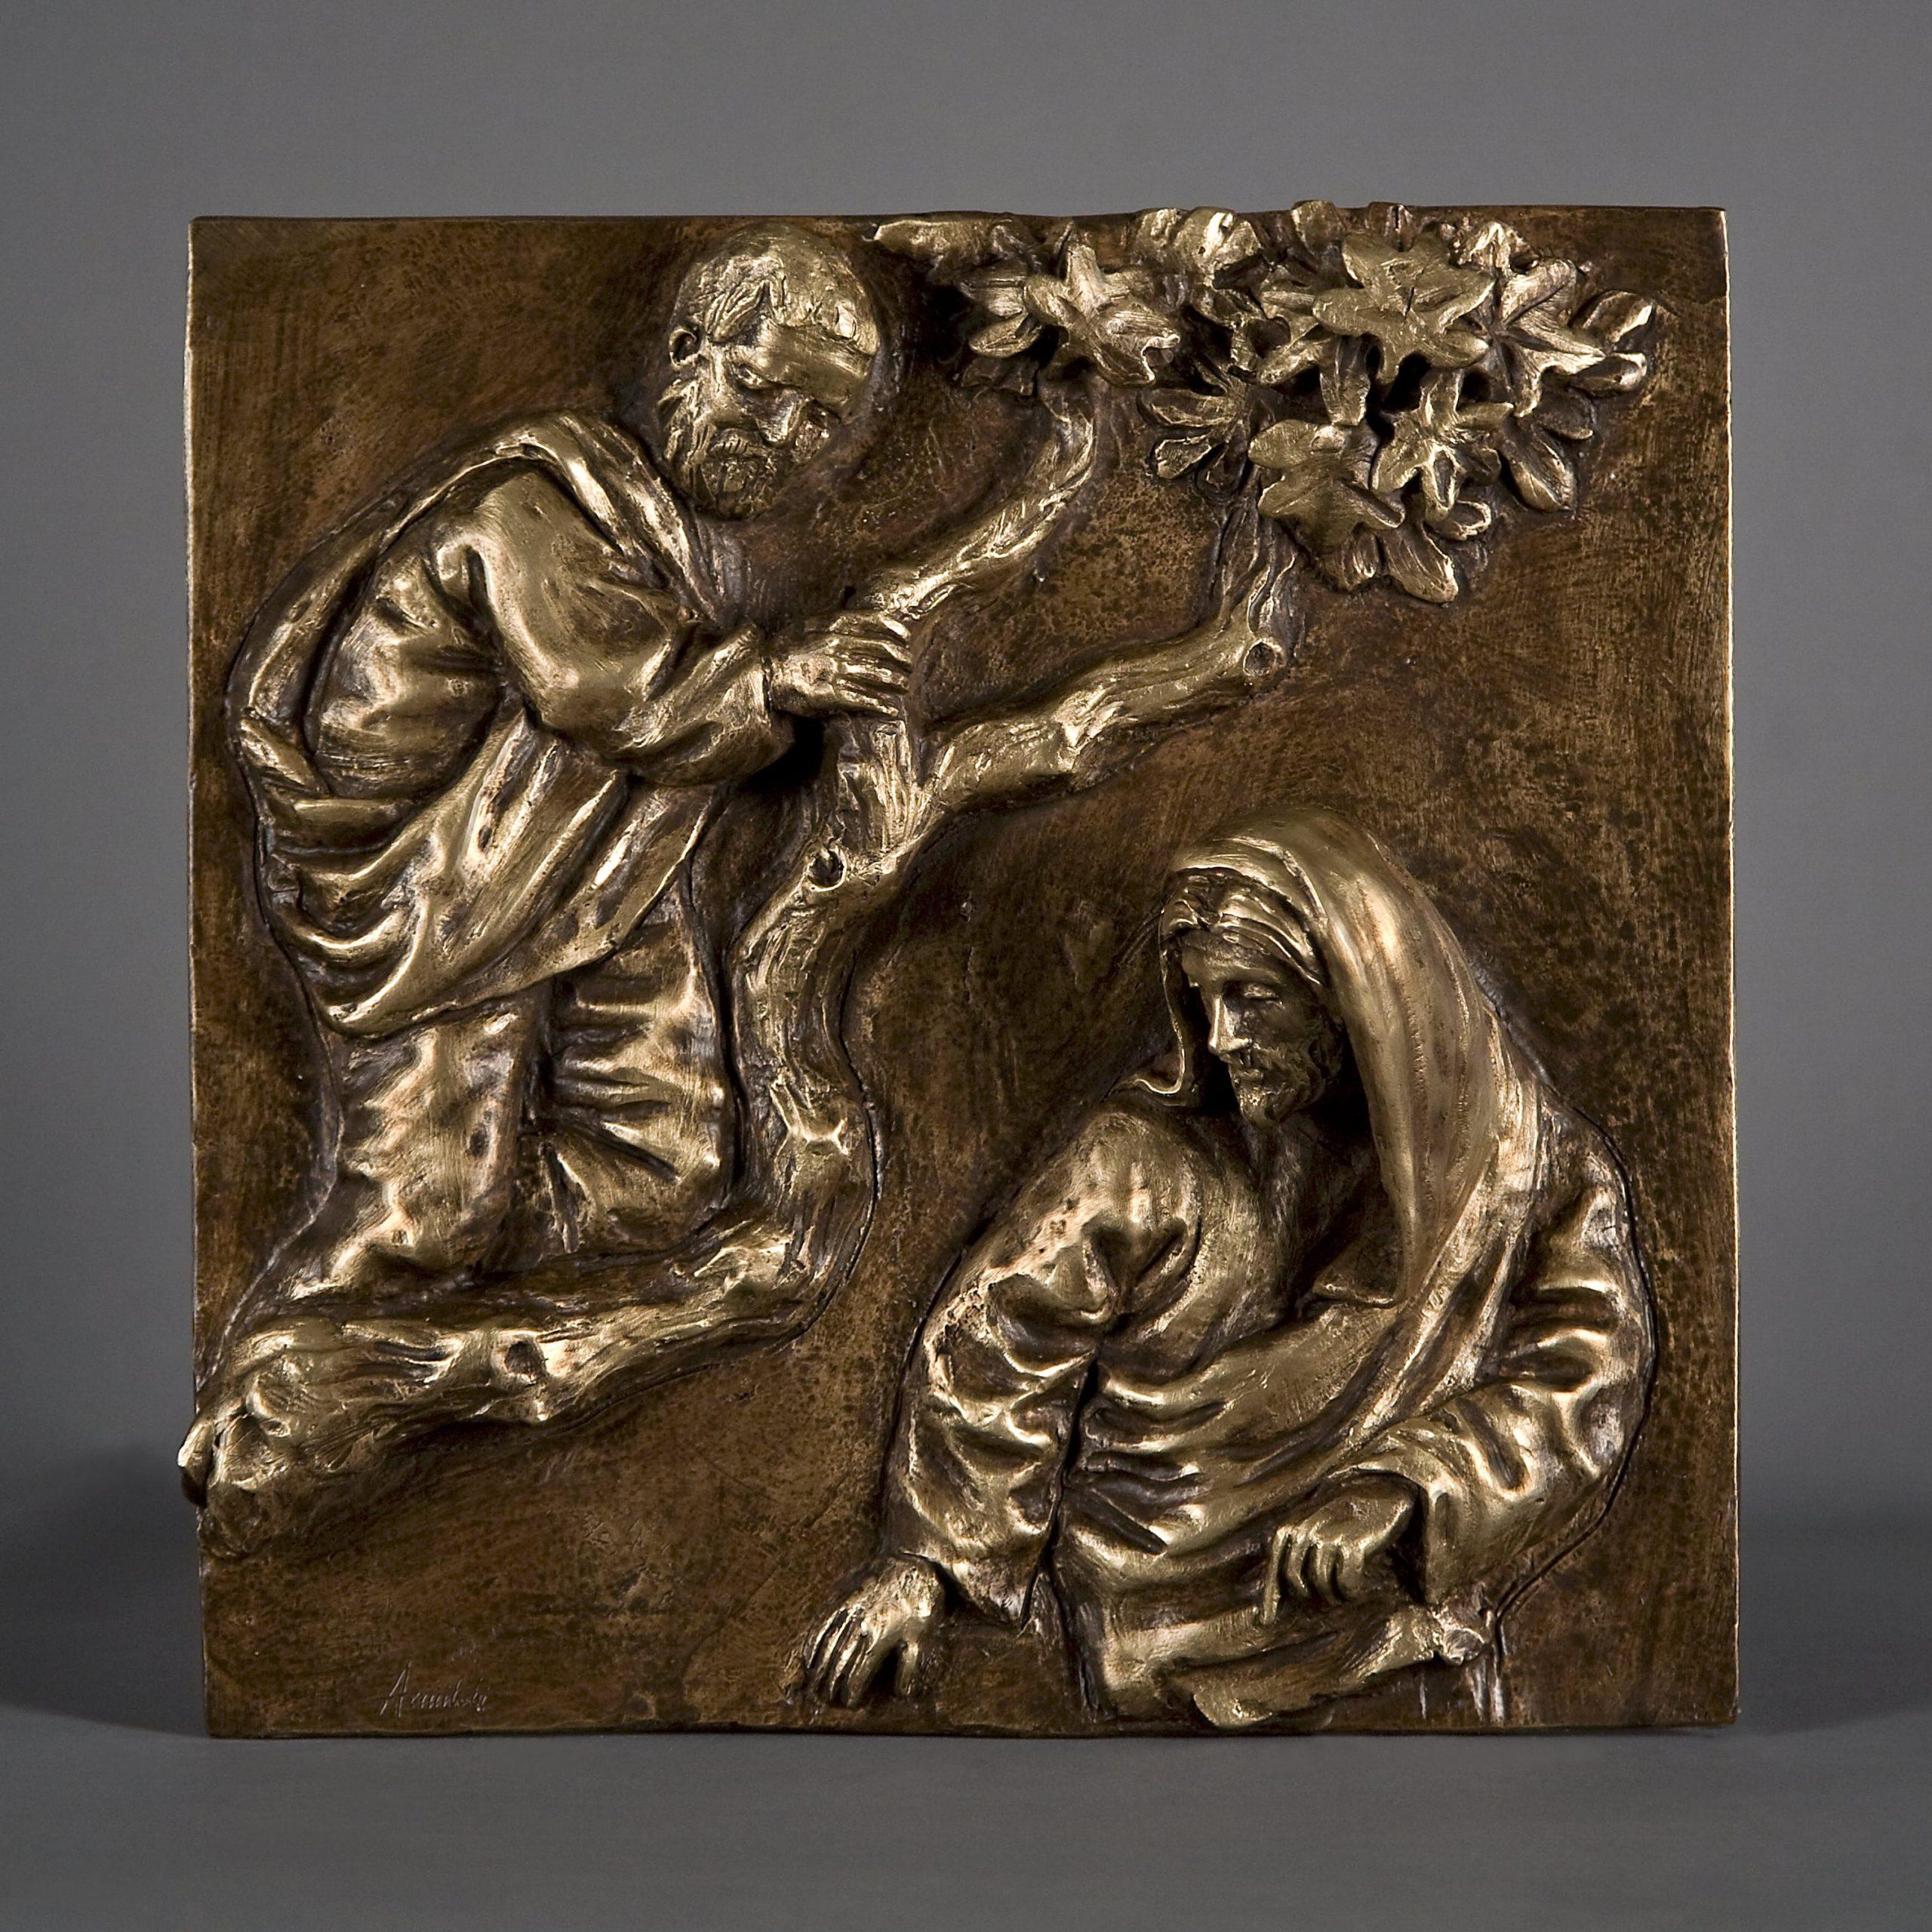 Zaccheo realizzato nel 2015 in bronzo